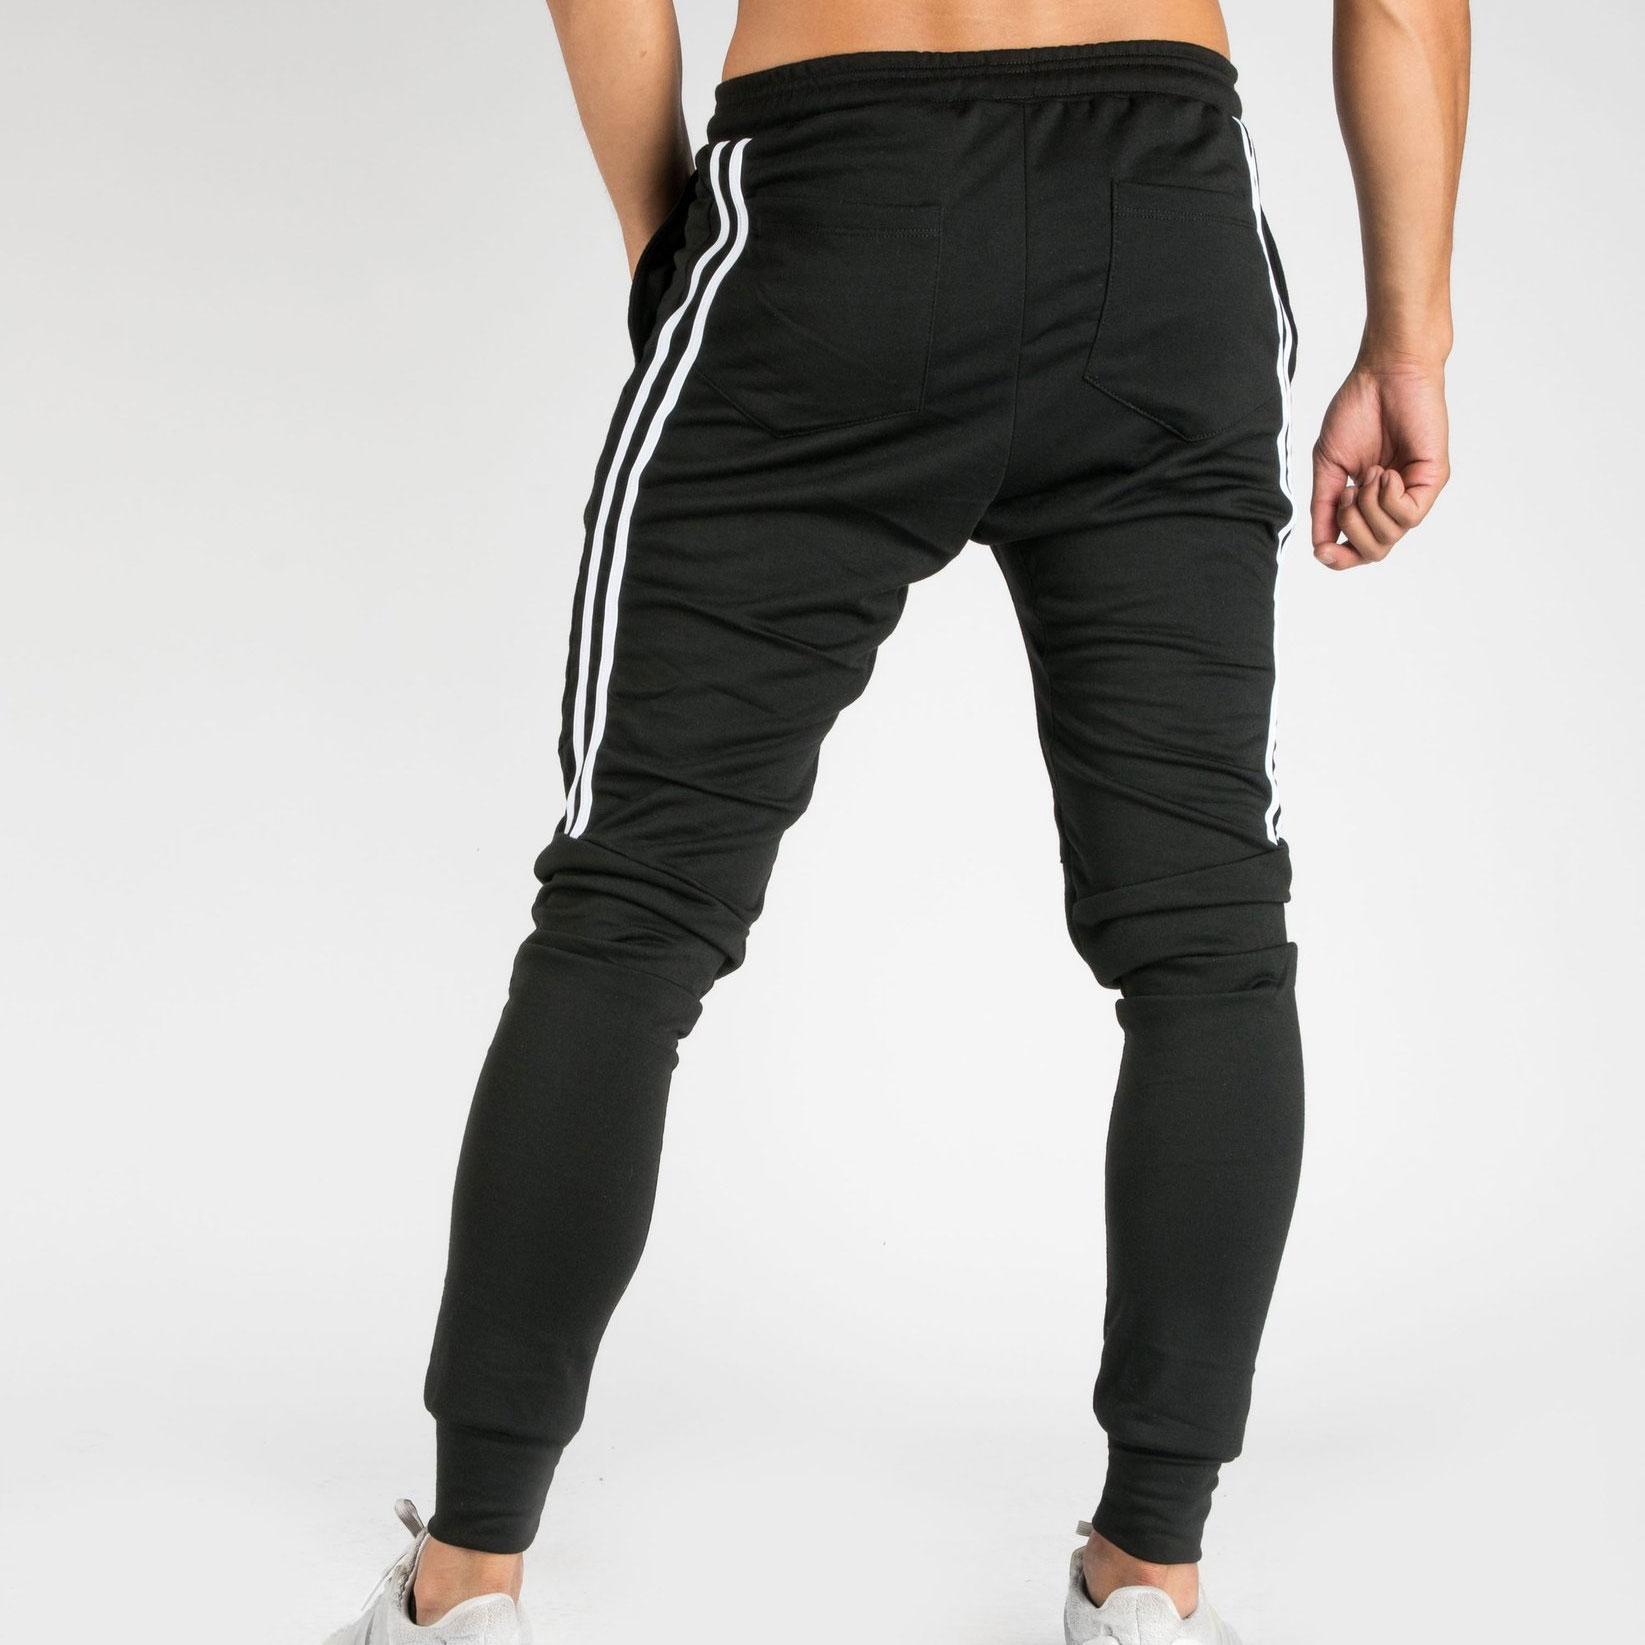 Quần jogger tập gym nam cao cấp Z102 màu đen